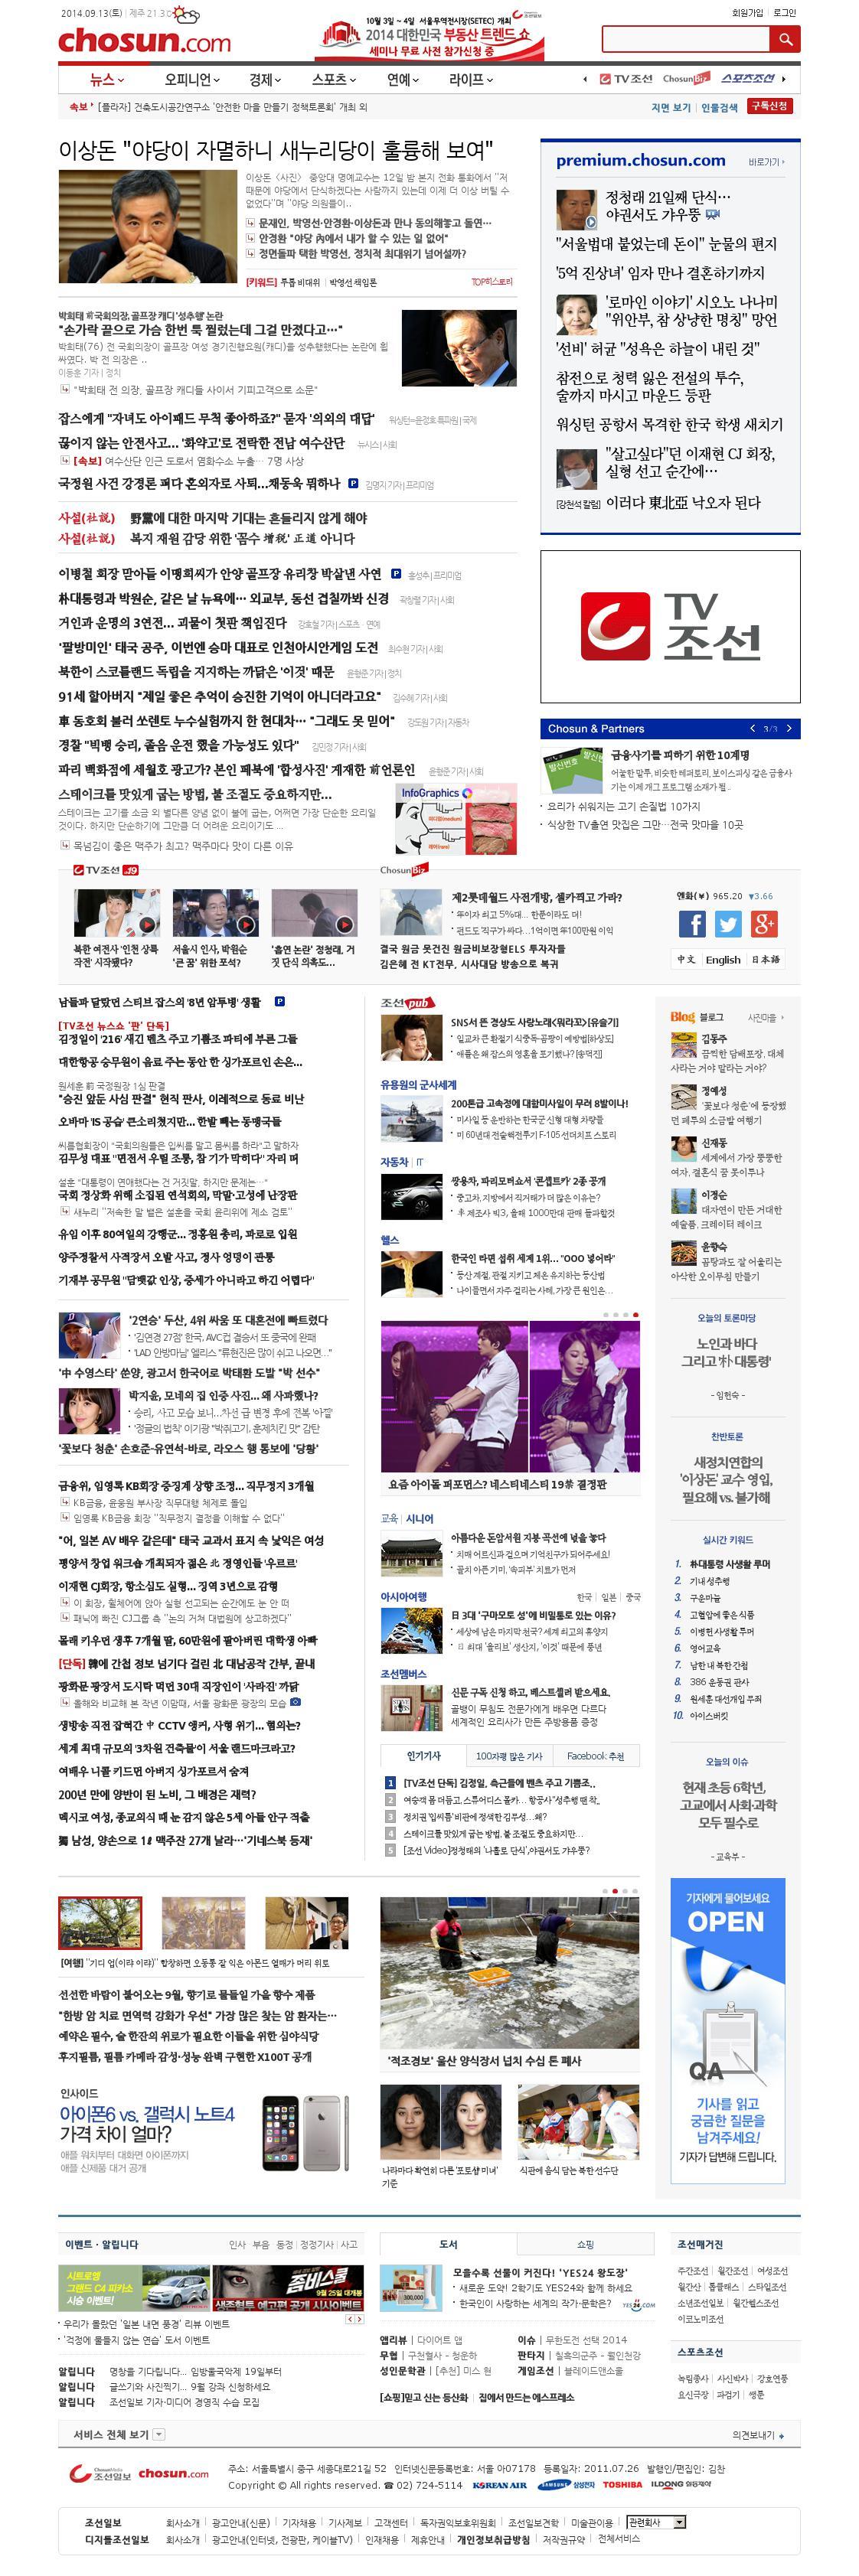 chosun.com at Friday Sept. 12, 2014, 8:02 p.m. UTC